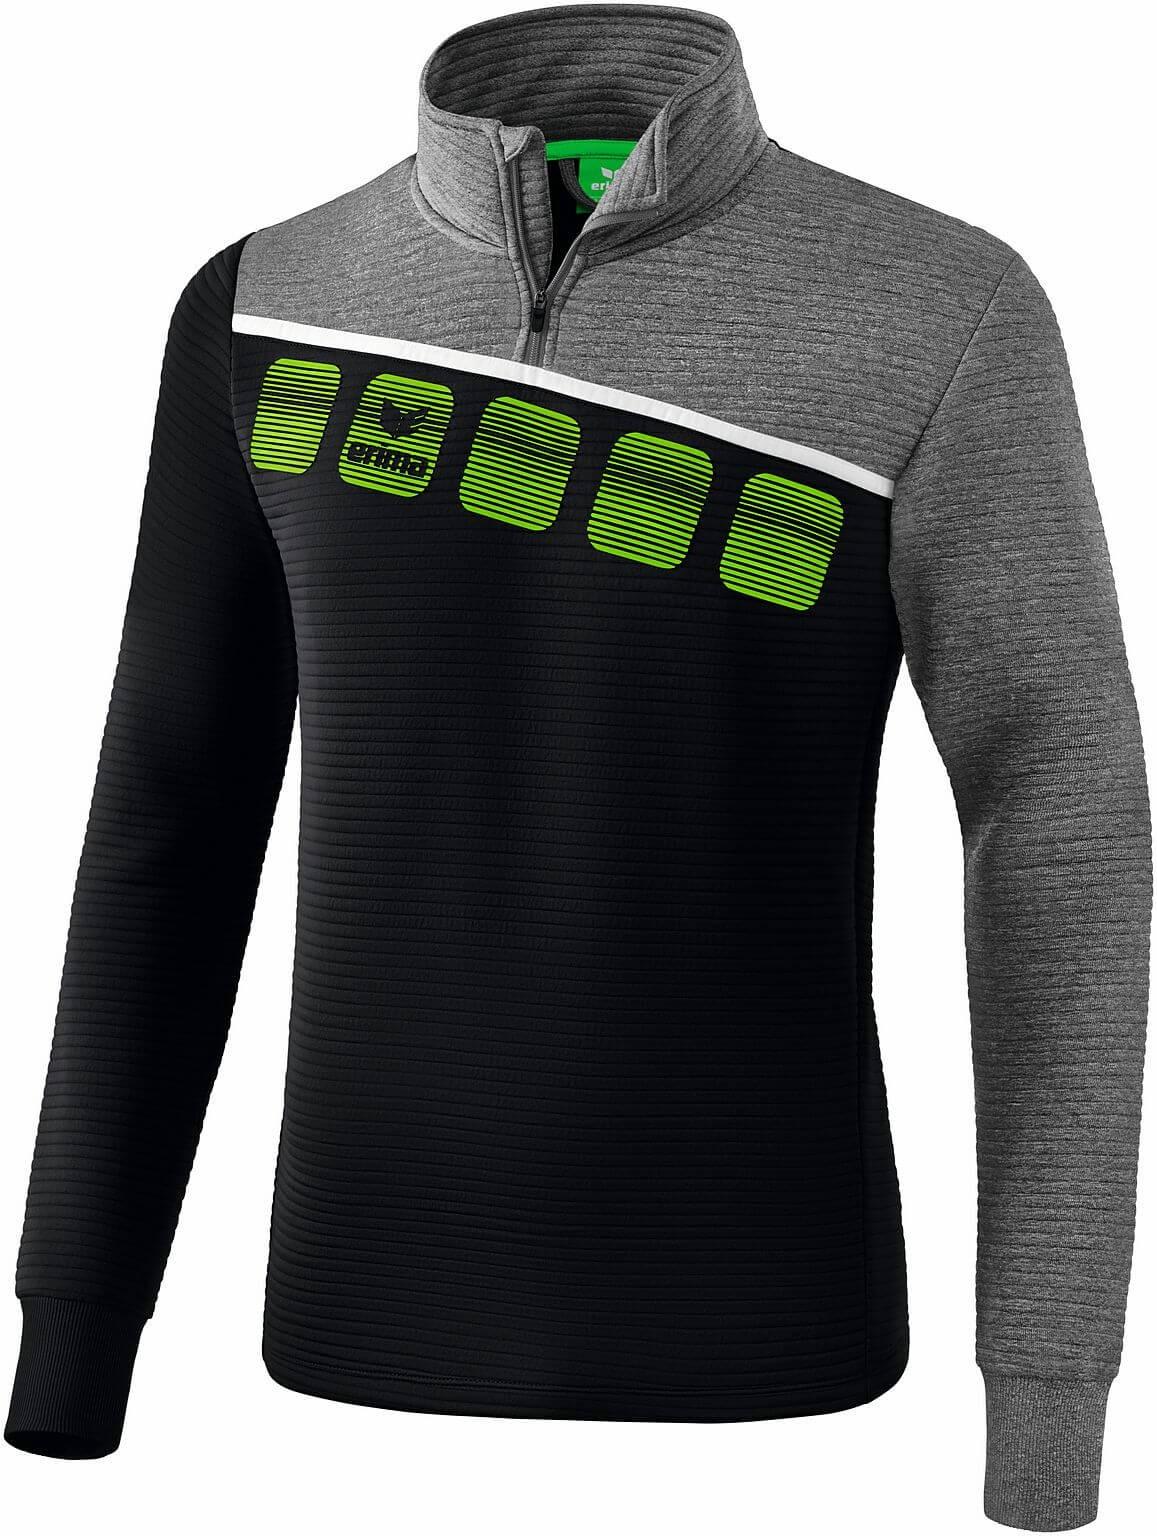 ERIMA 5-C bluza treningowa męska